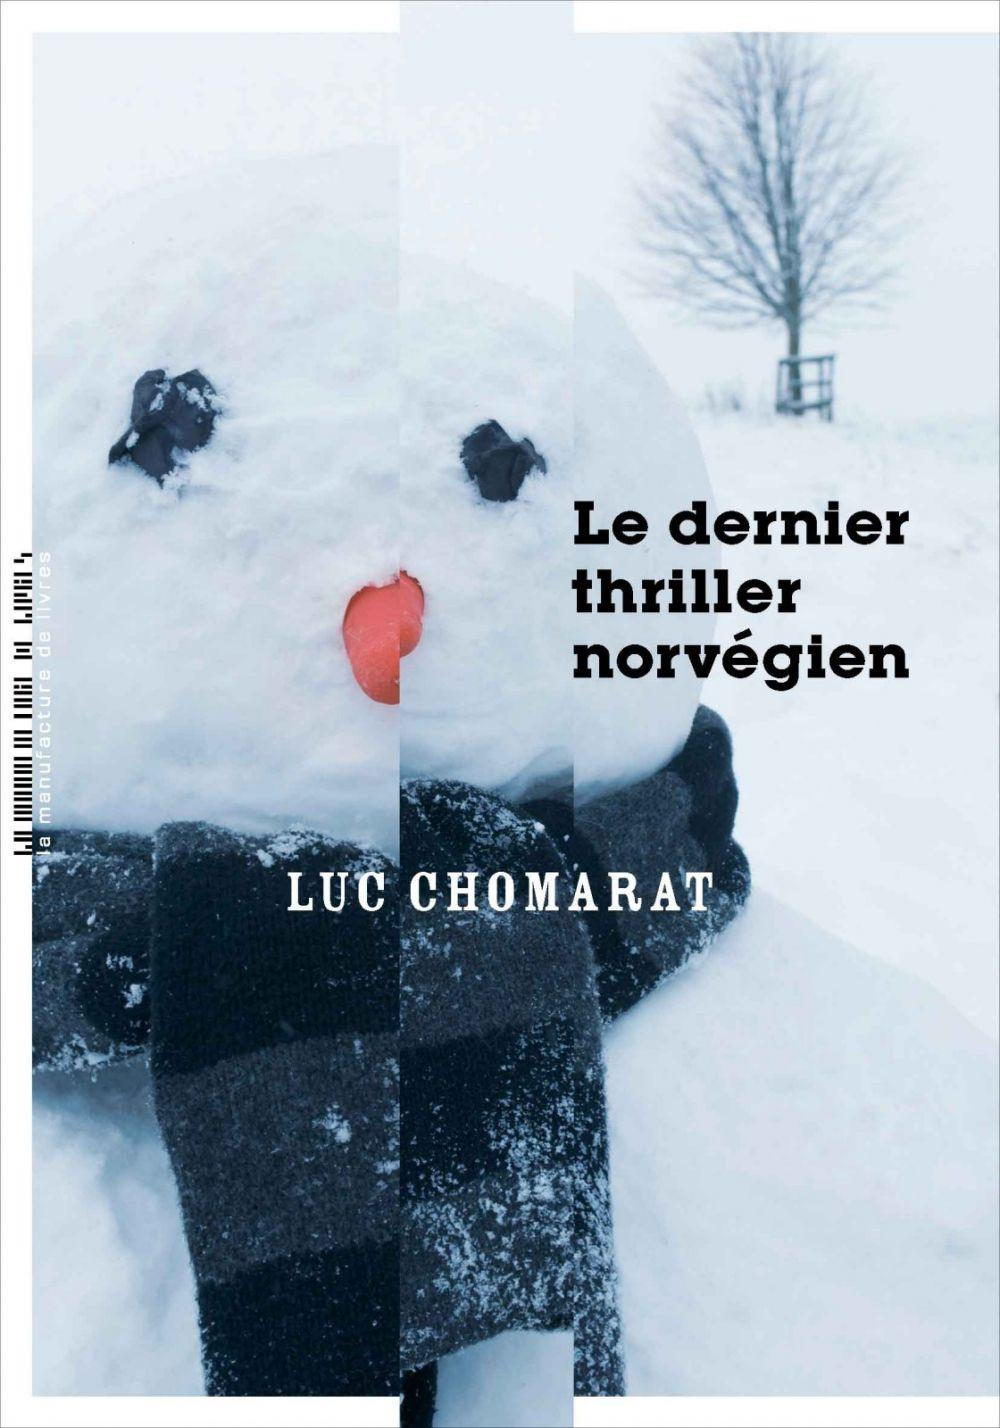 Le dernier thriller norvégien |